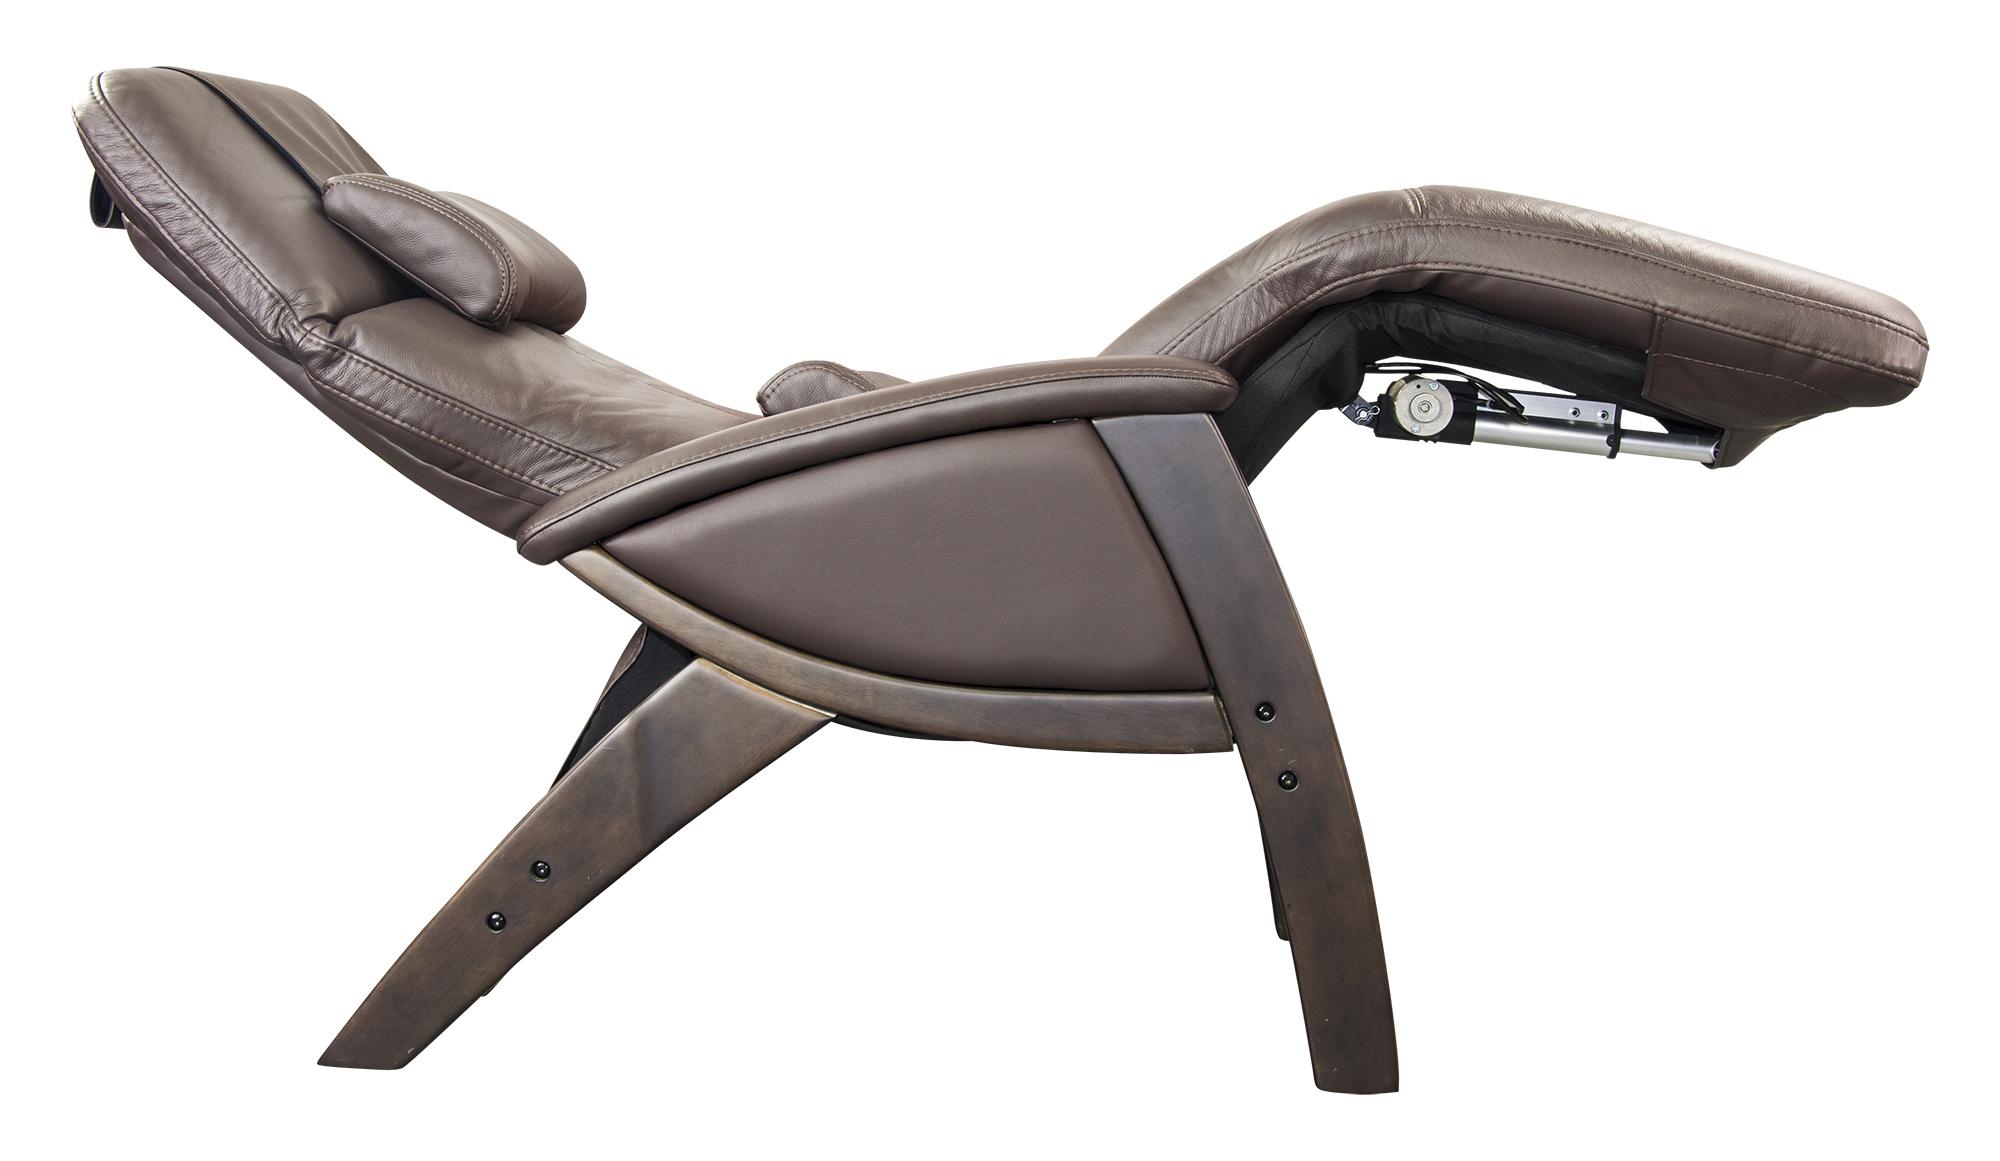 Gentil Chocolate Leather Svago SV410 Benessere Chair Zero Gravity Recliner